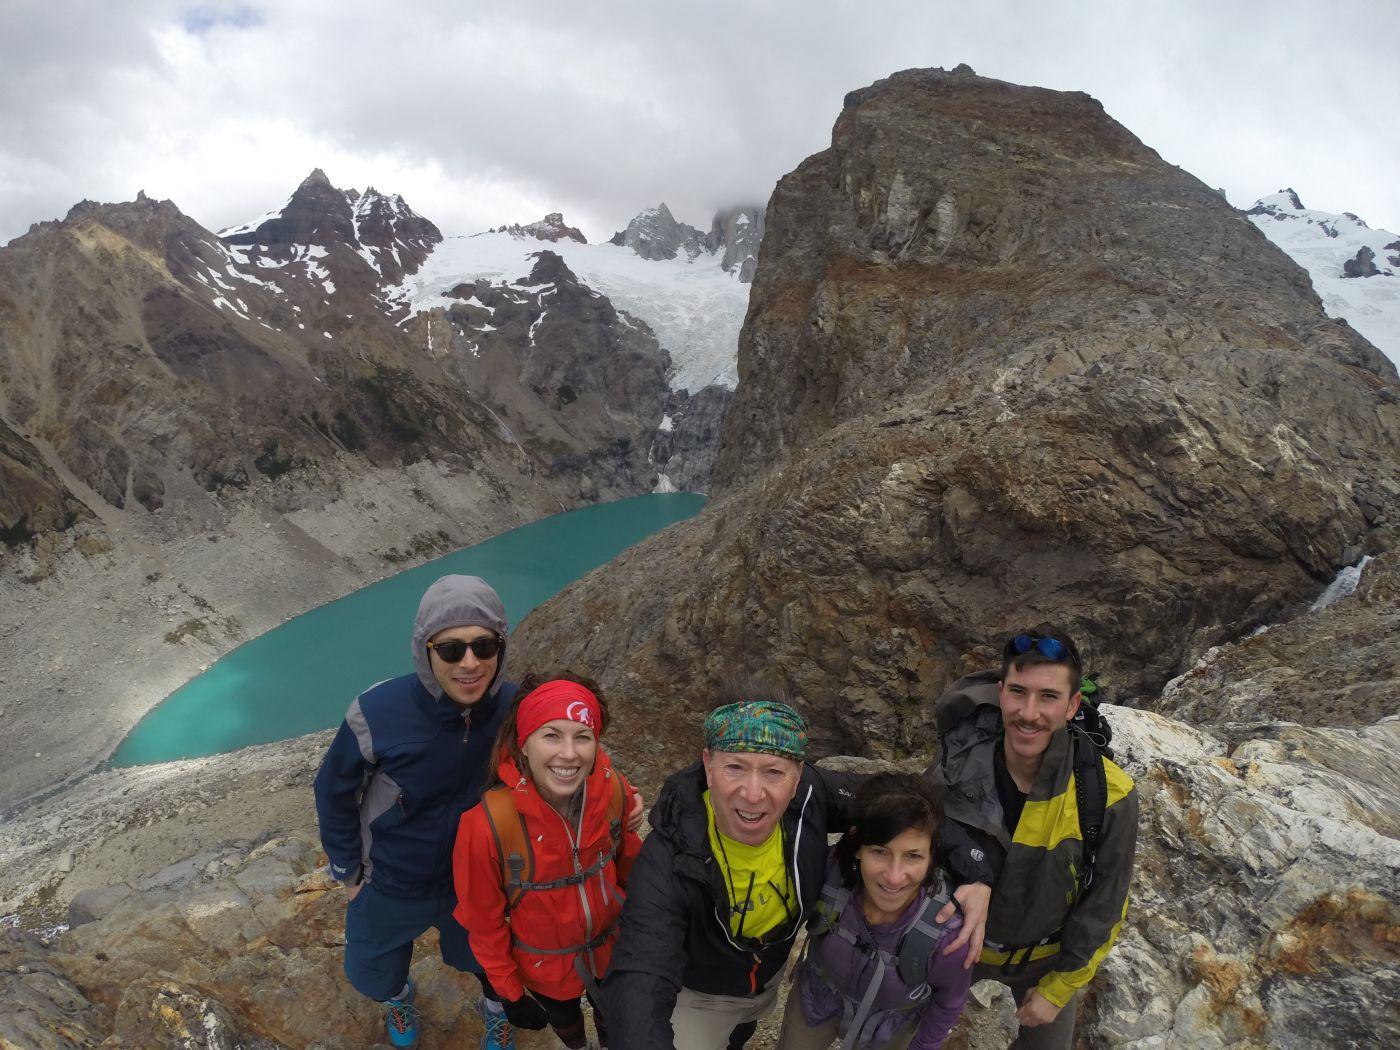 a476c50d7725 Argentina Patagonia Hike Tour BikeHike Slideshow22